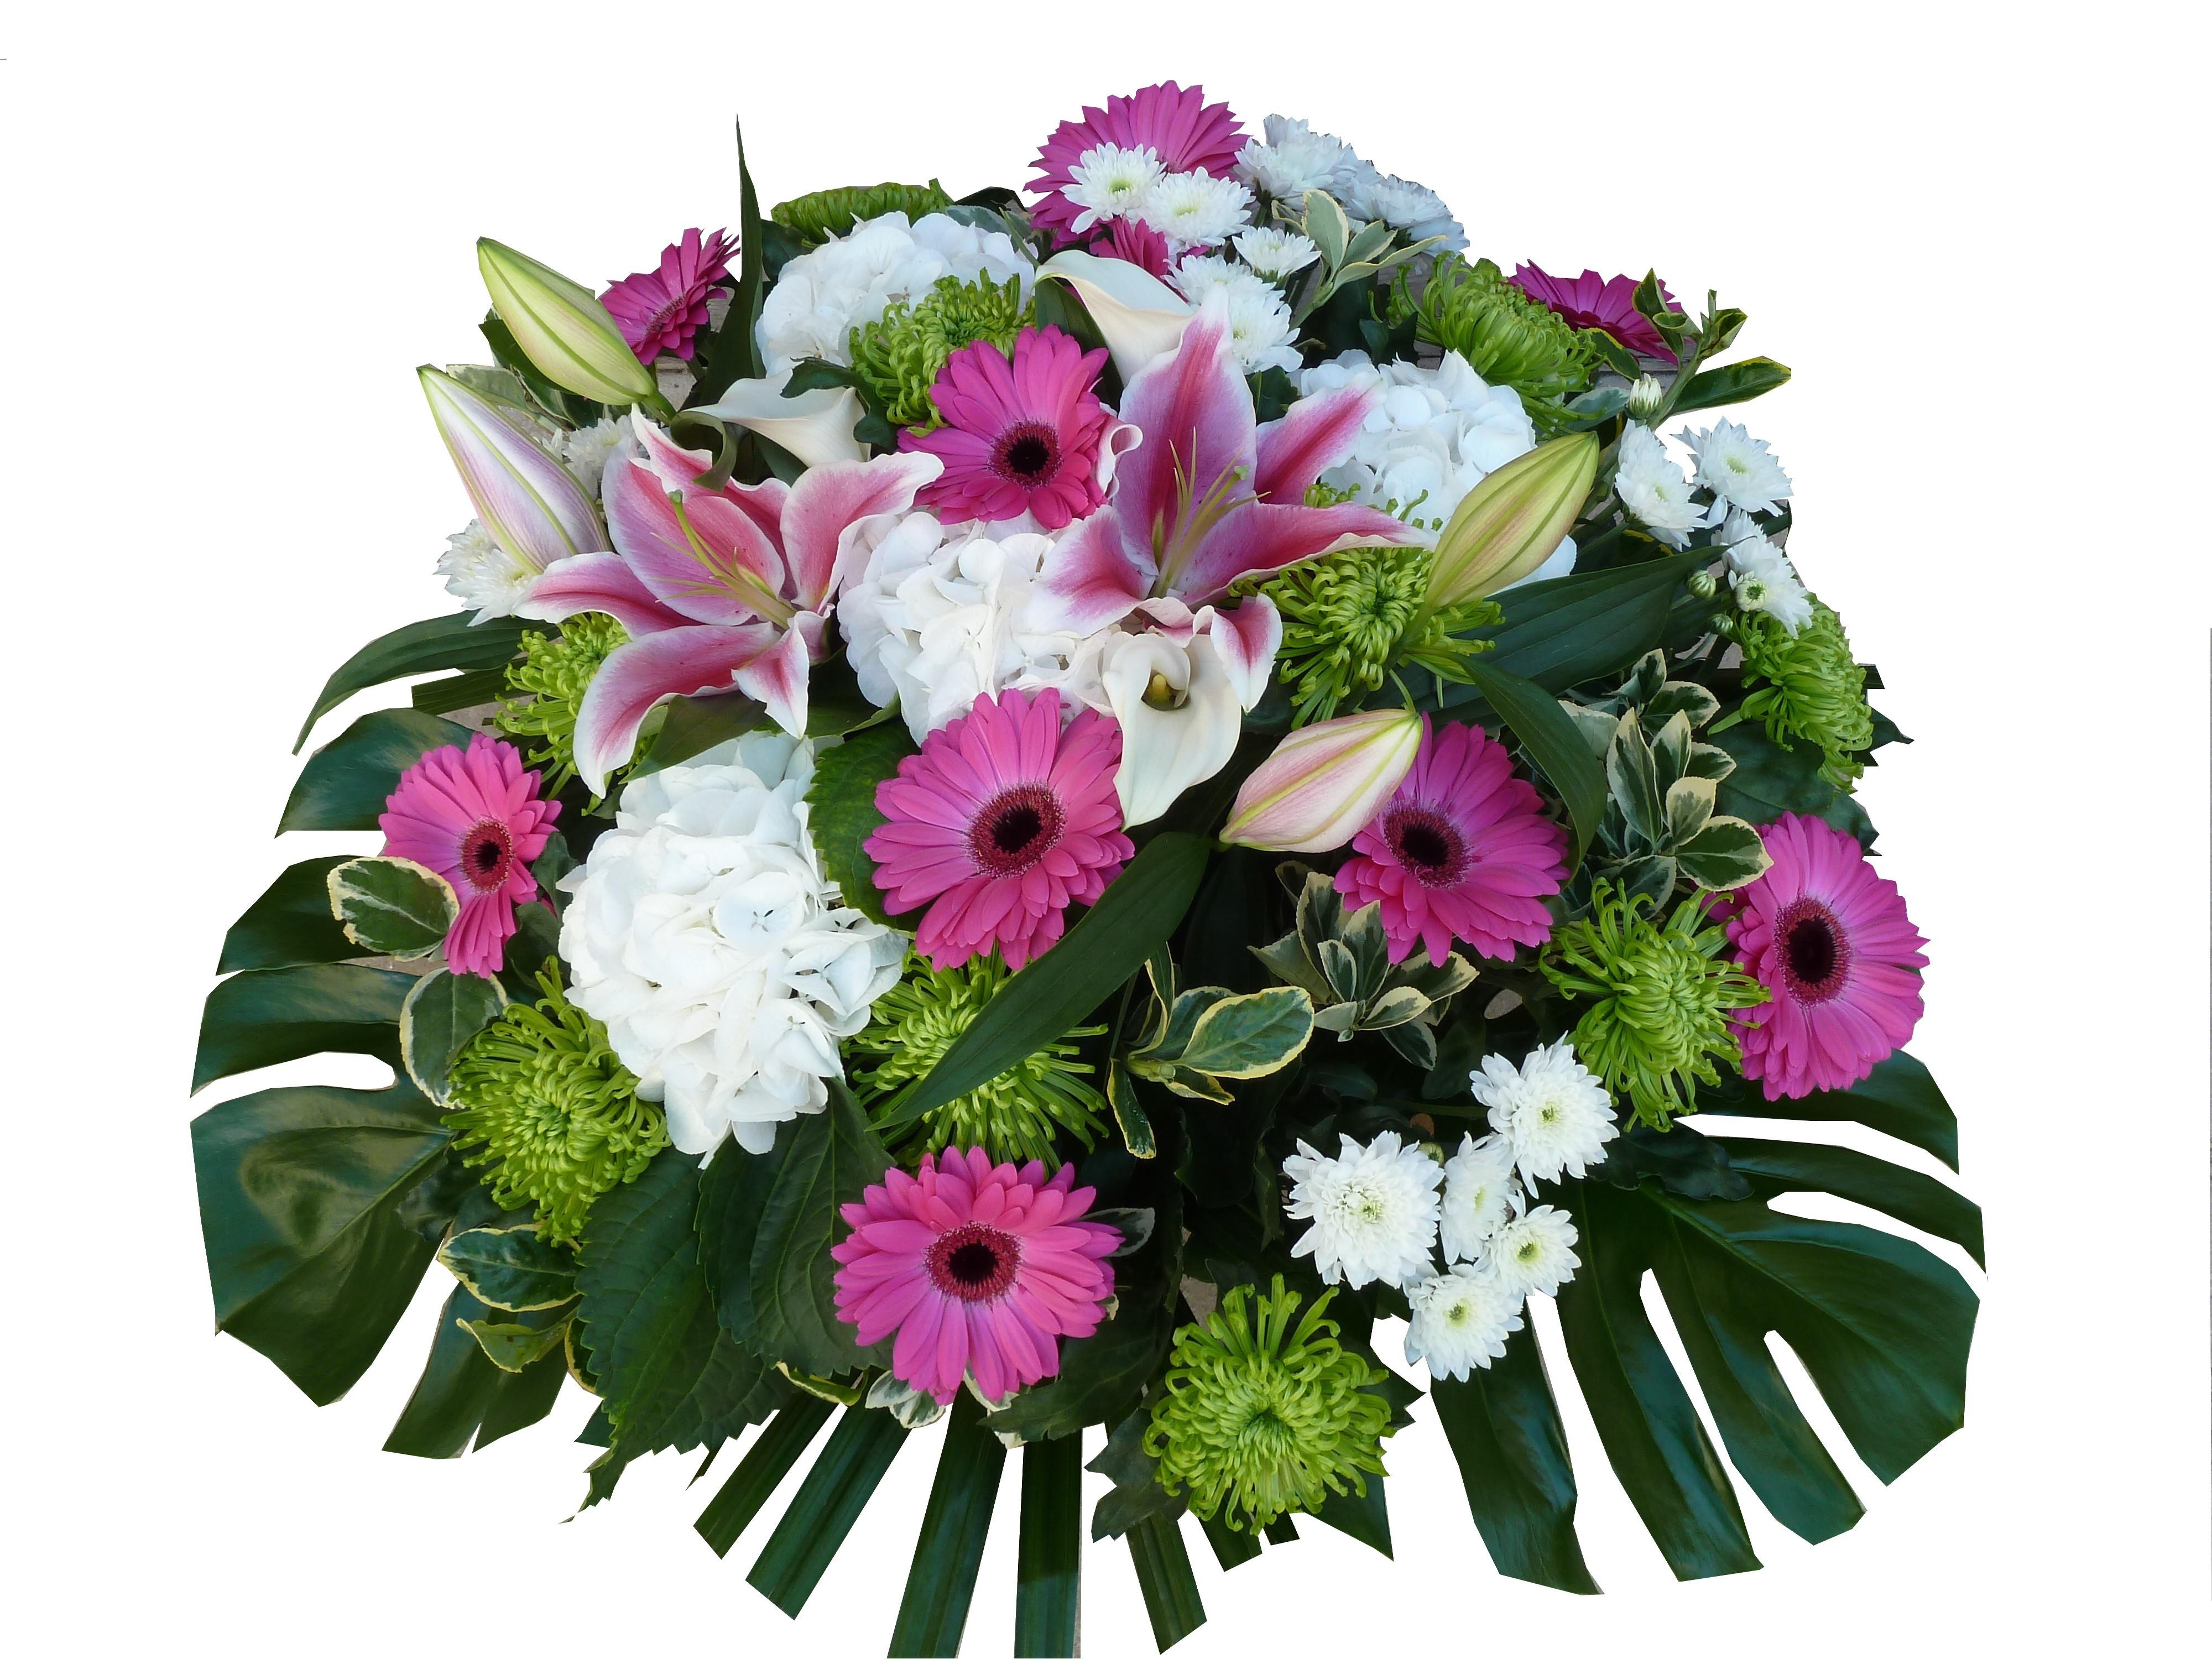 livraison de fleurs saint denis 93200 seine saint denis florafrance. Black Bedroom Furniture Sets. Home Design Ideas